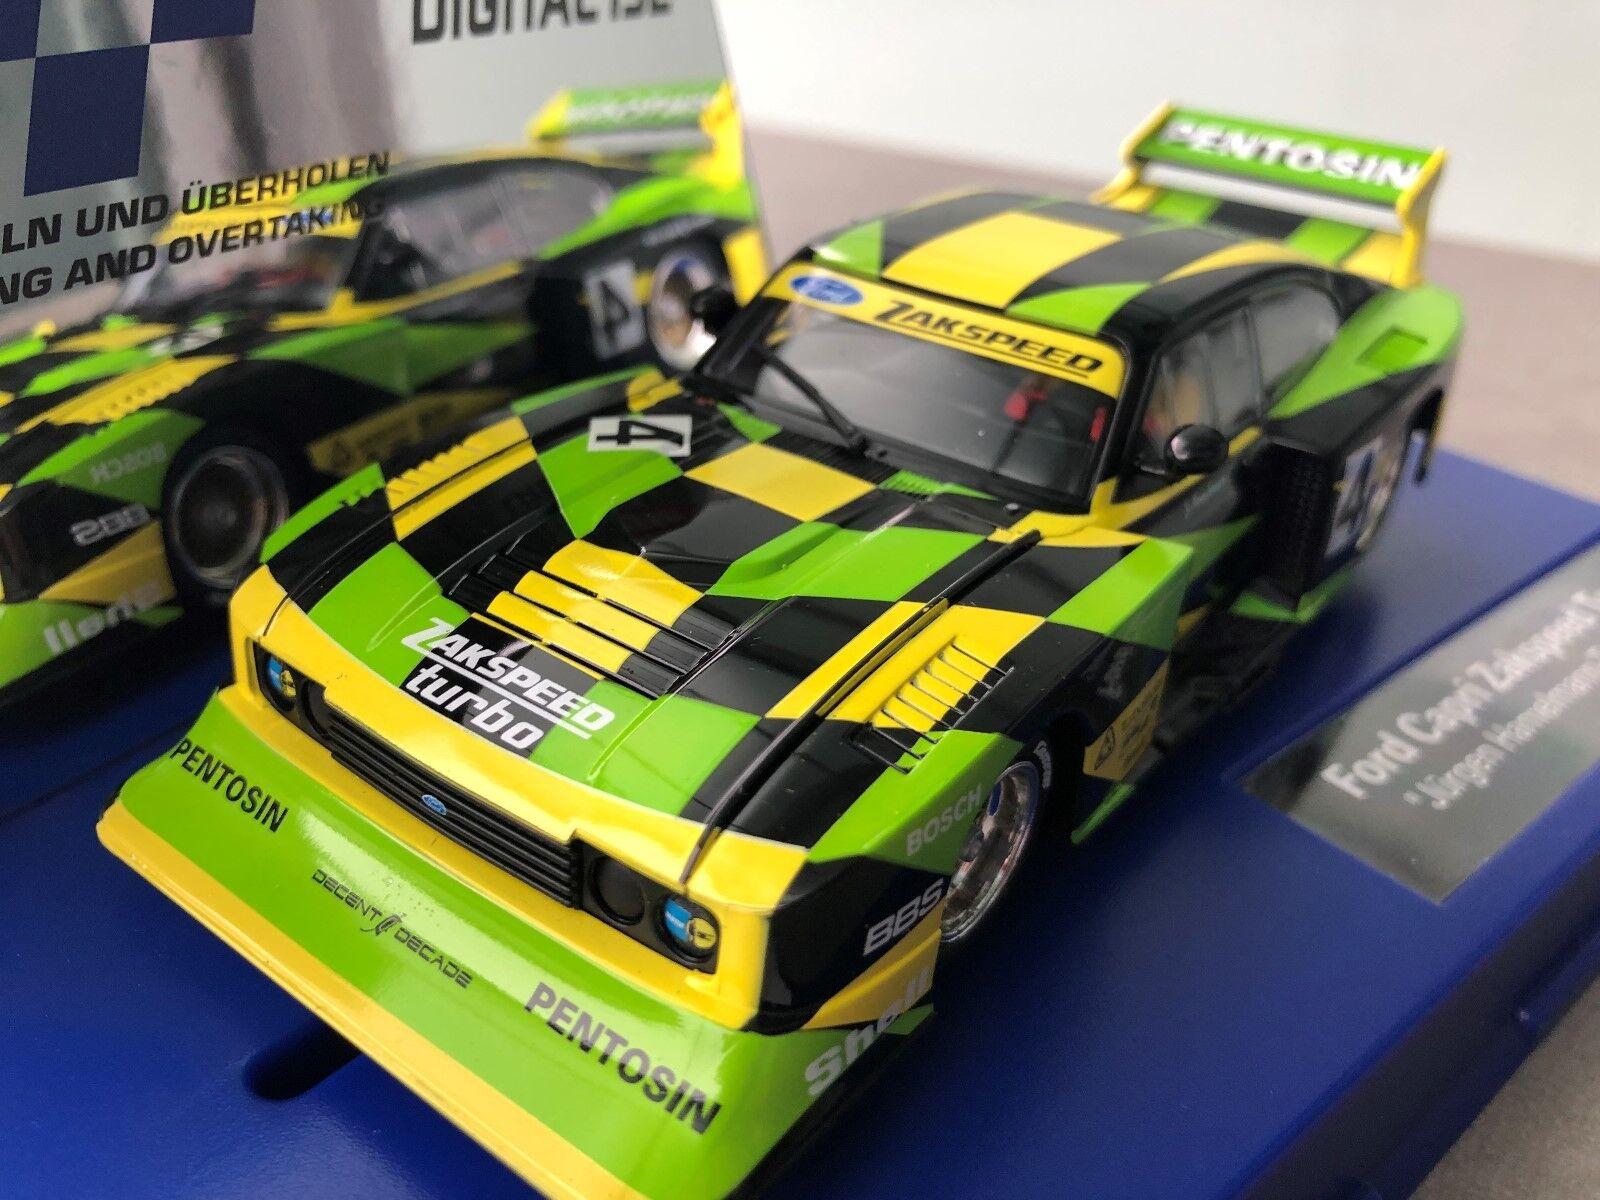 Carrera Digital 132 30832 20030832 Ford Capri Zakspeed Turbo   J Hamelmann,No. 4